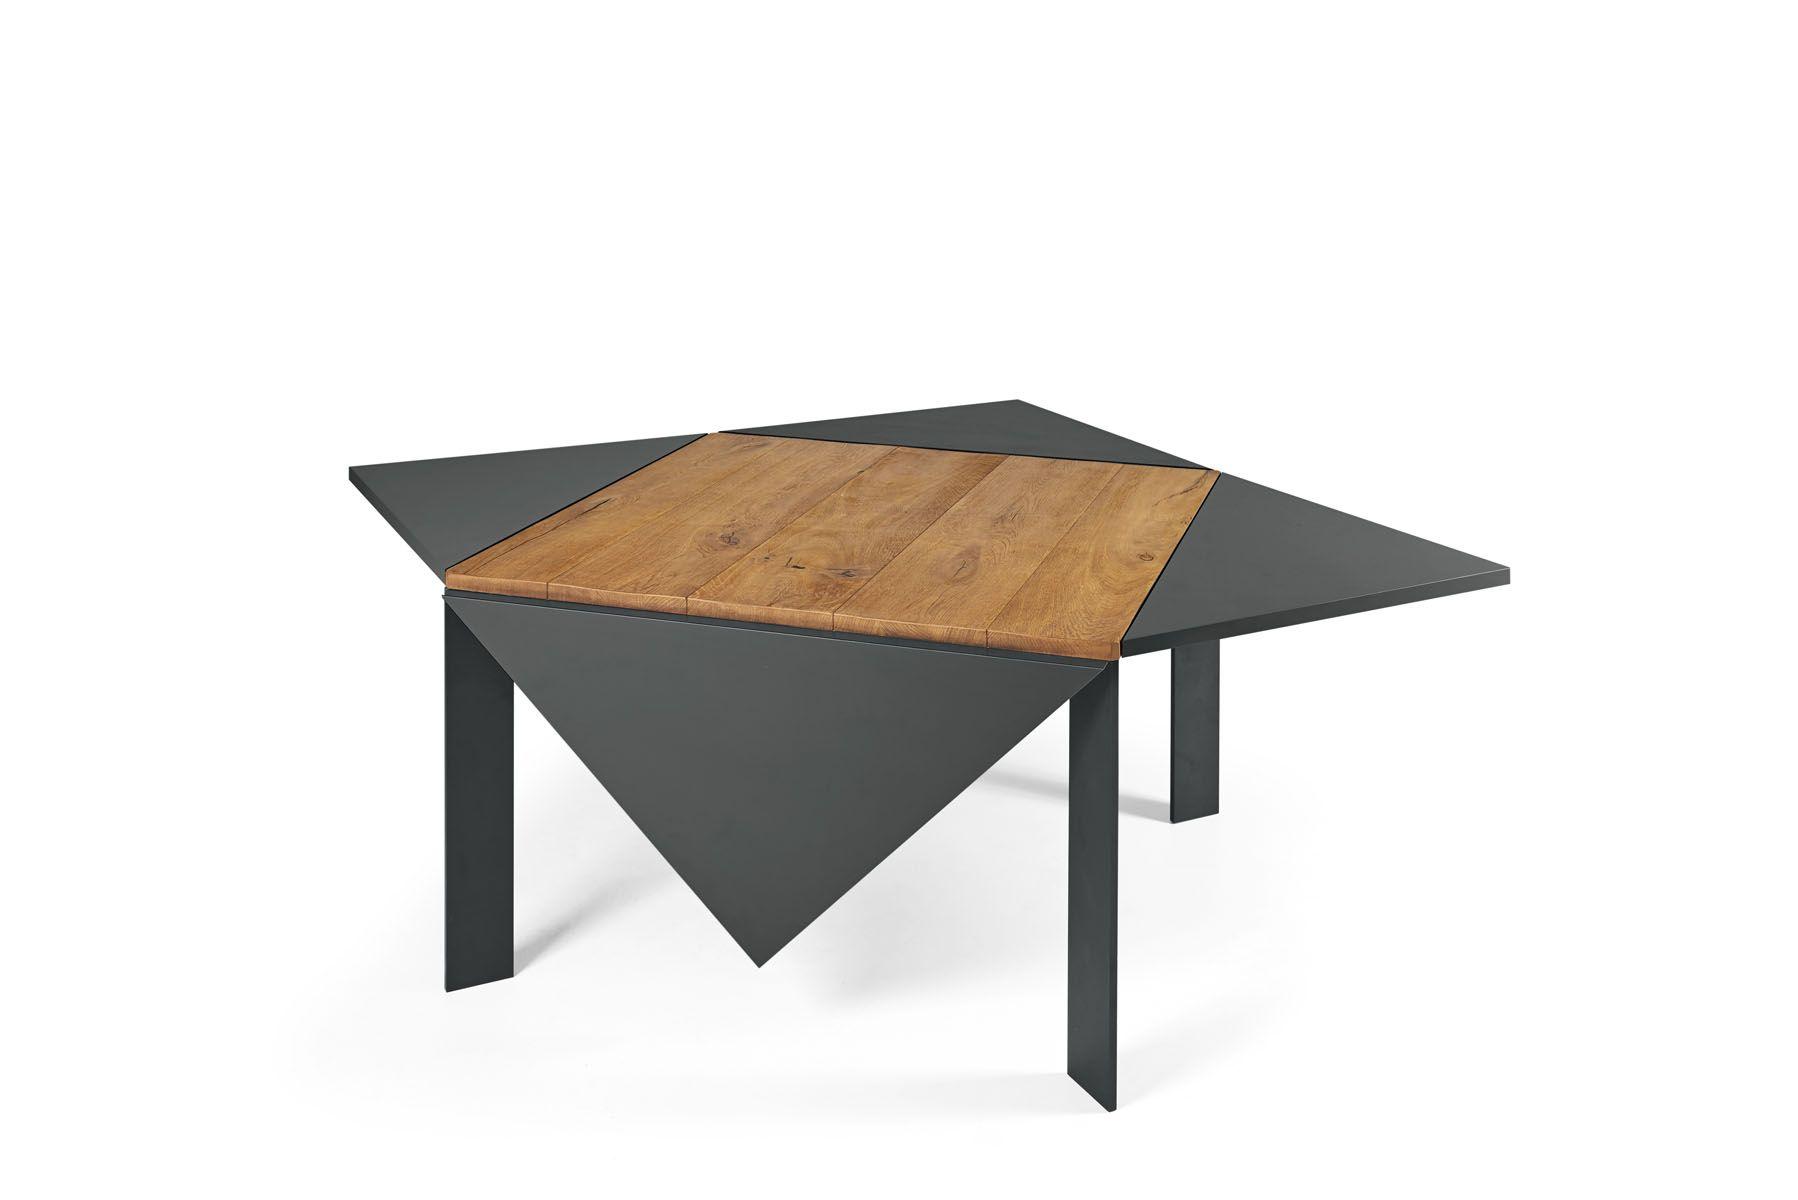 Tavolo In Legno Quadrato Allungabile.Un Tavolo Allungabile E Quadrato Per Gli Ospiti Tavolo